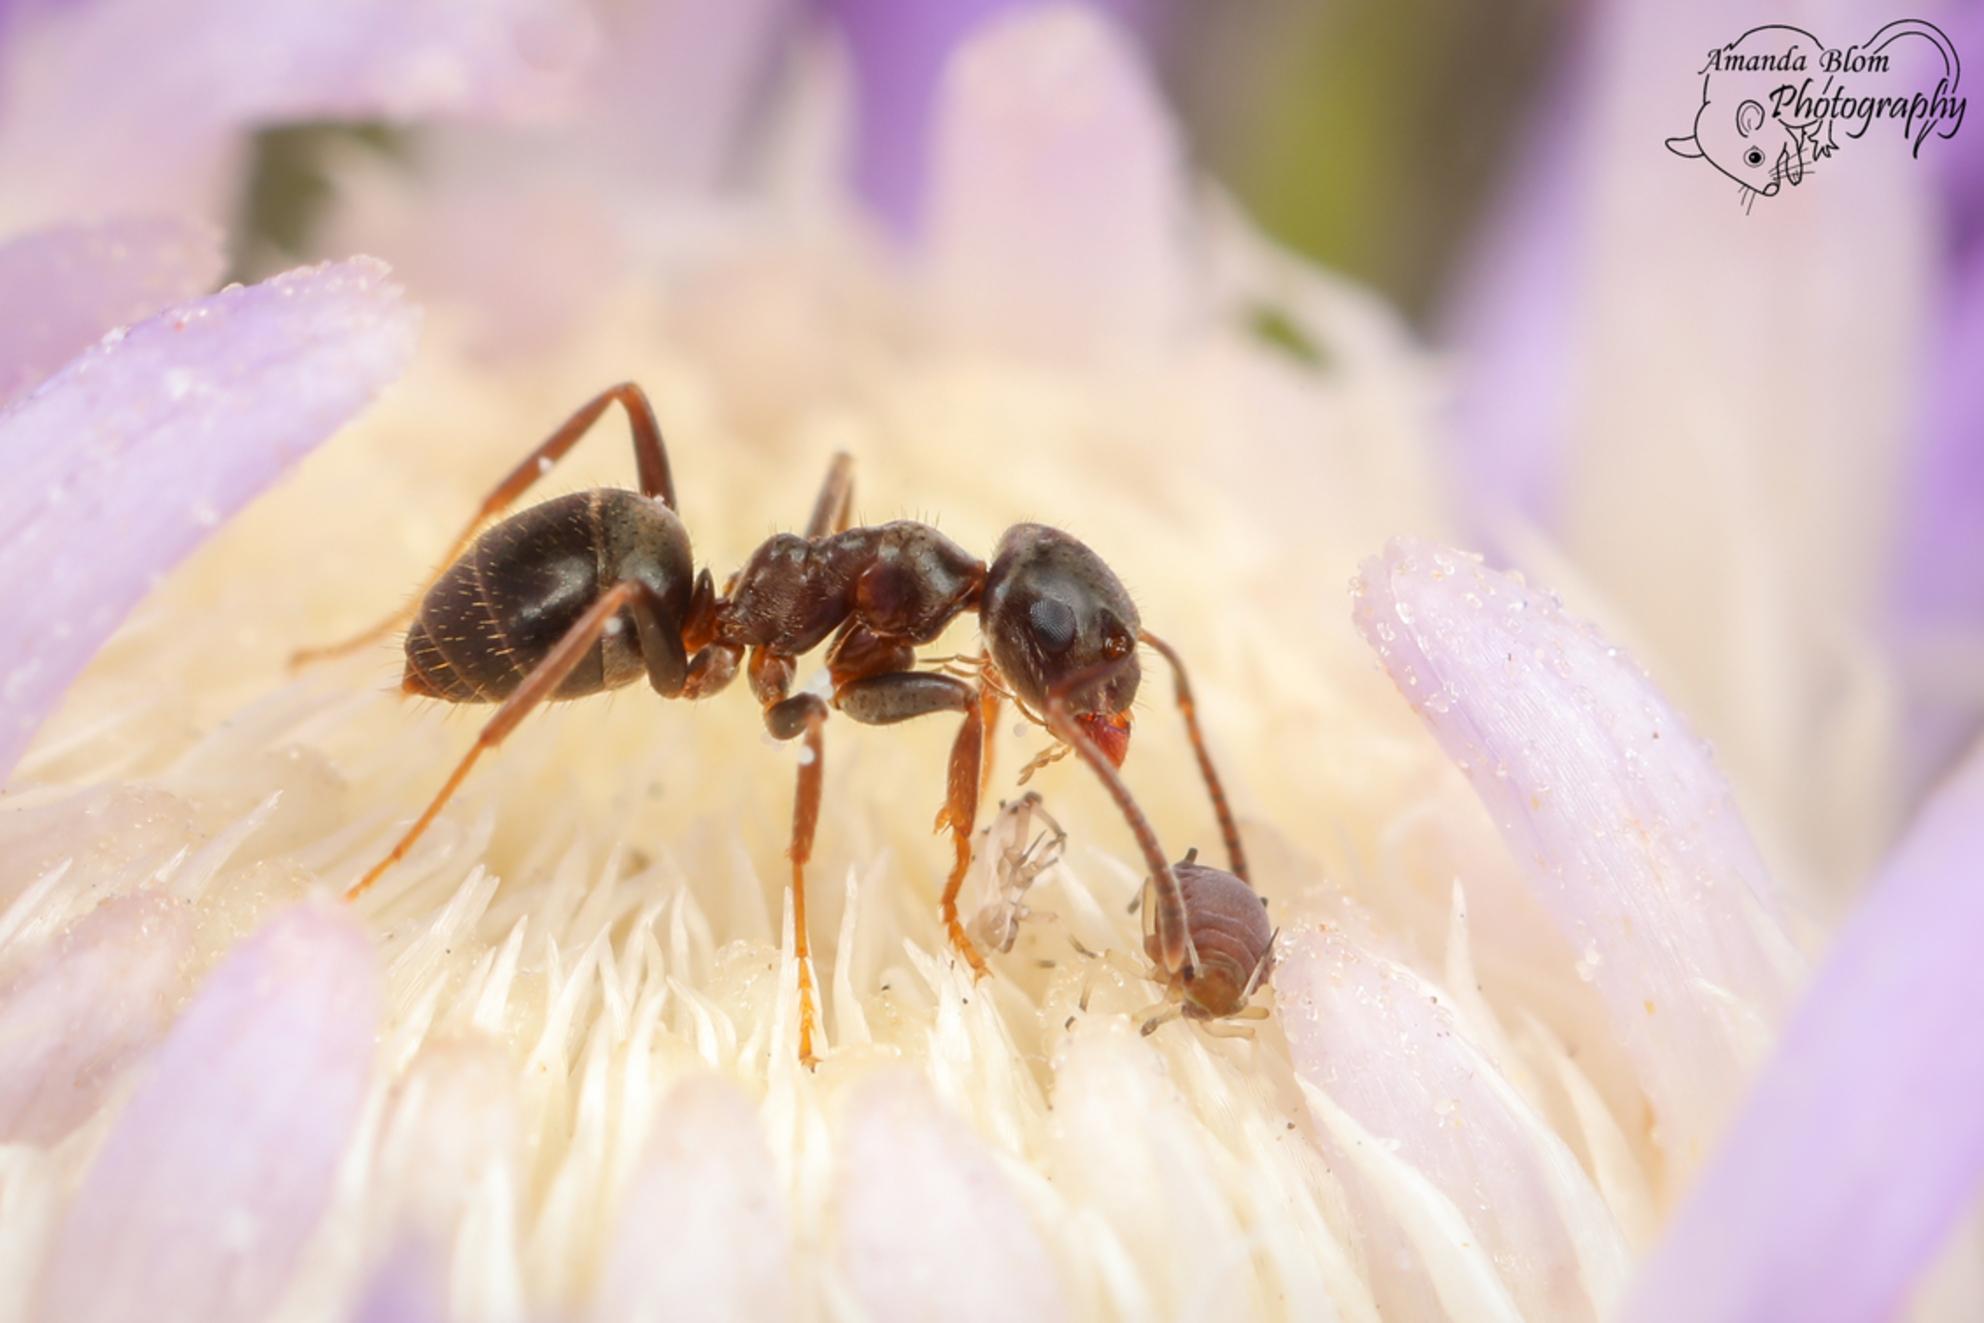 Mier met Bladluis - Mier is aan het snoepen van het sap wat het Bladluisje afscheidt. - foto door amanda_blom1992 op 29-07-2018 - deze foto bevat: macro, natuur, mier, bladluis, insect - Deze foto mag gebruikt worden in een Zoom.nl publicatie